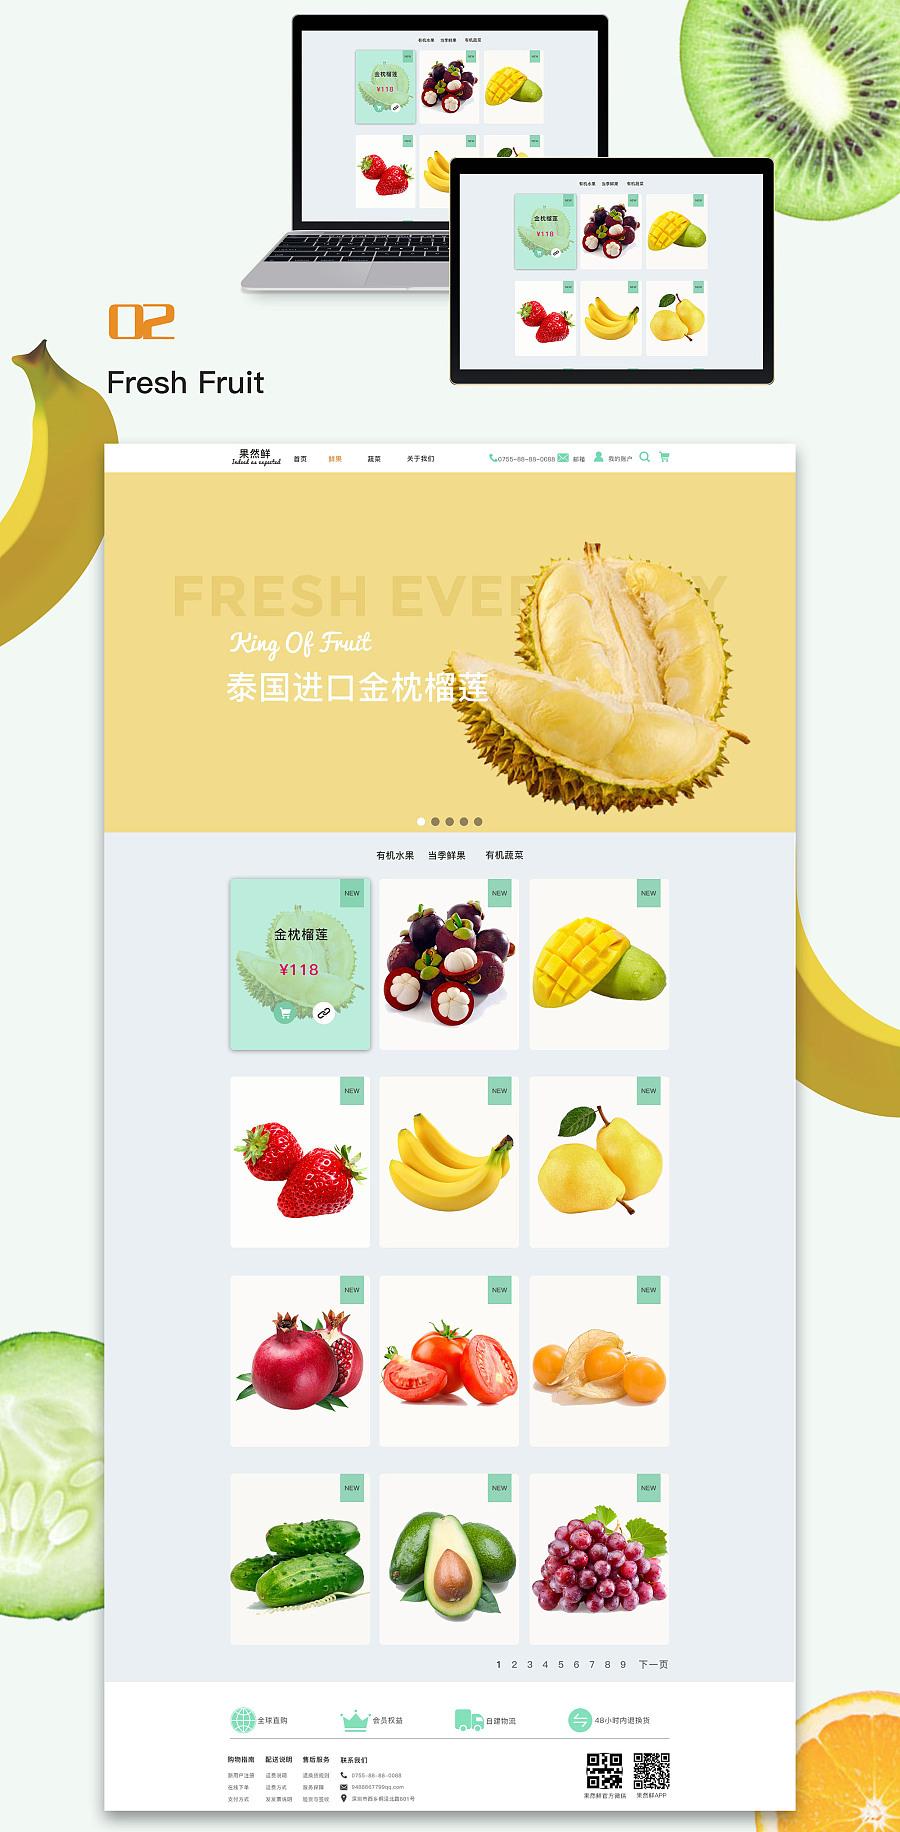 原创作品:水果网页图片